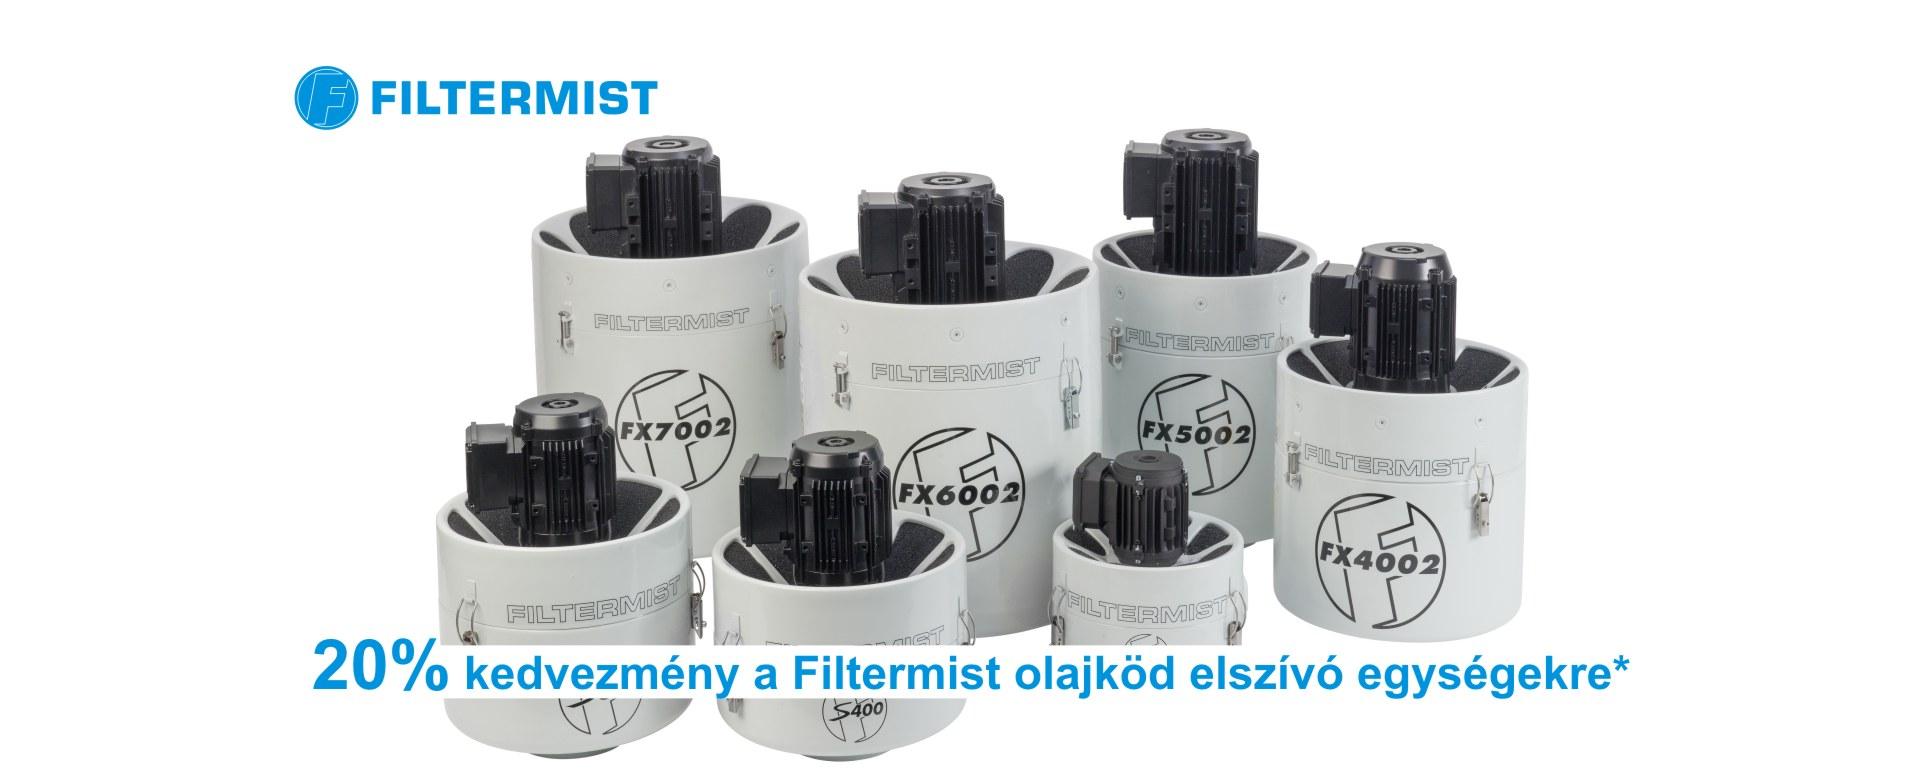 Filtermist akció